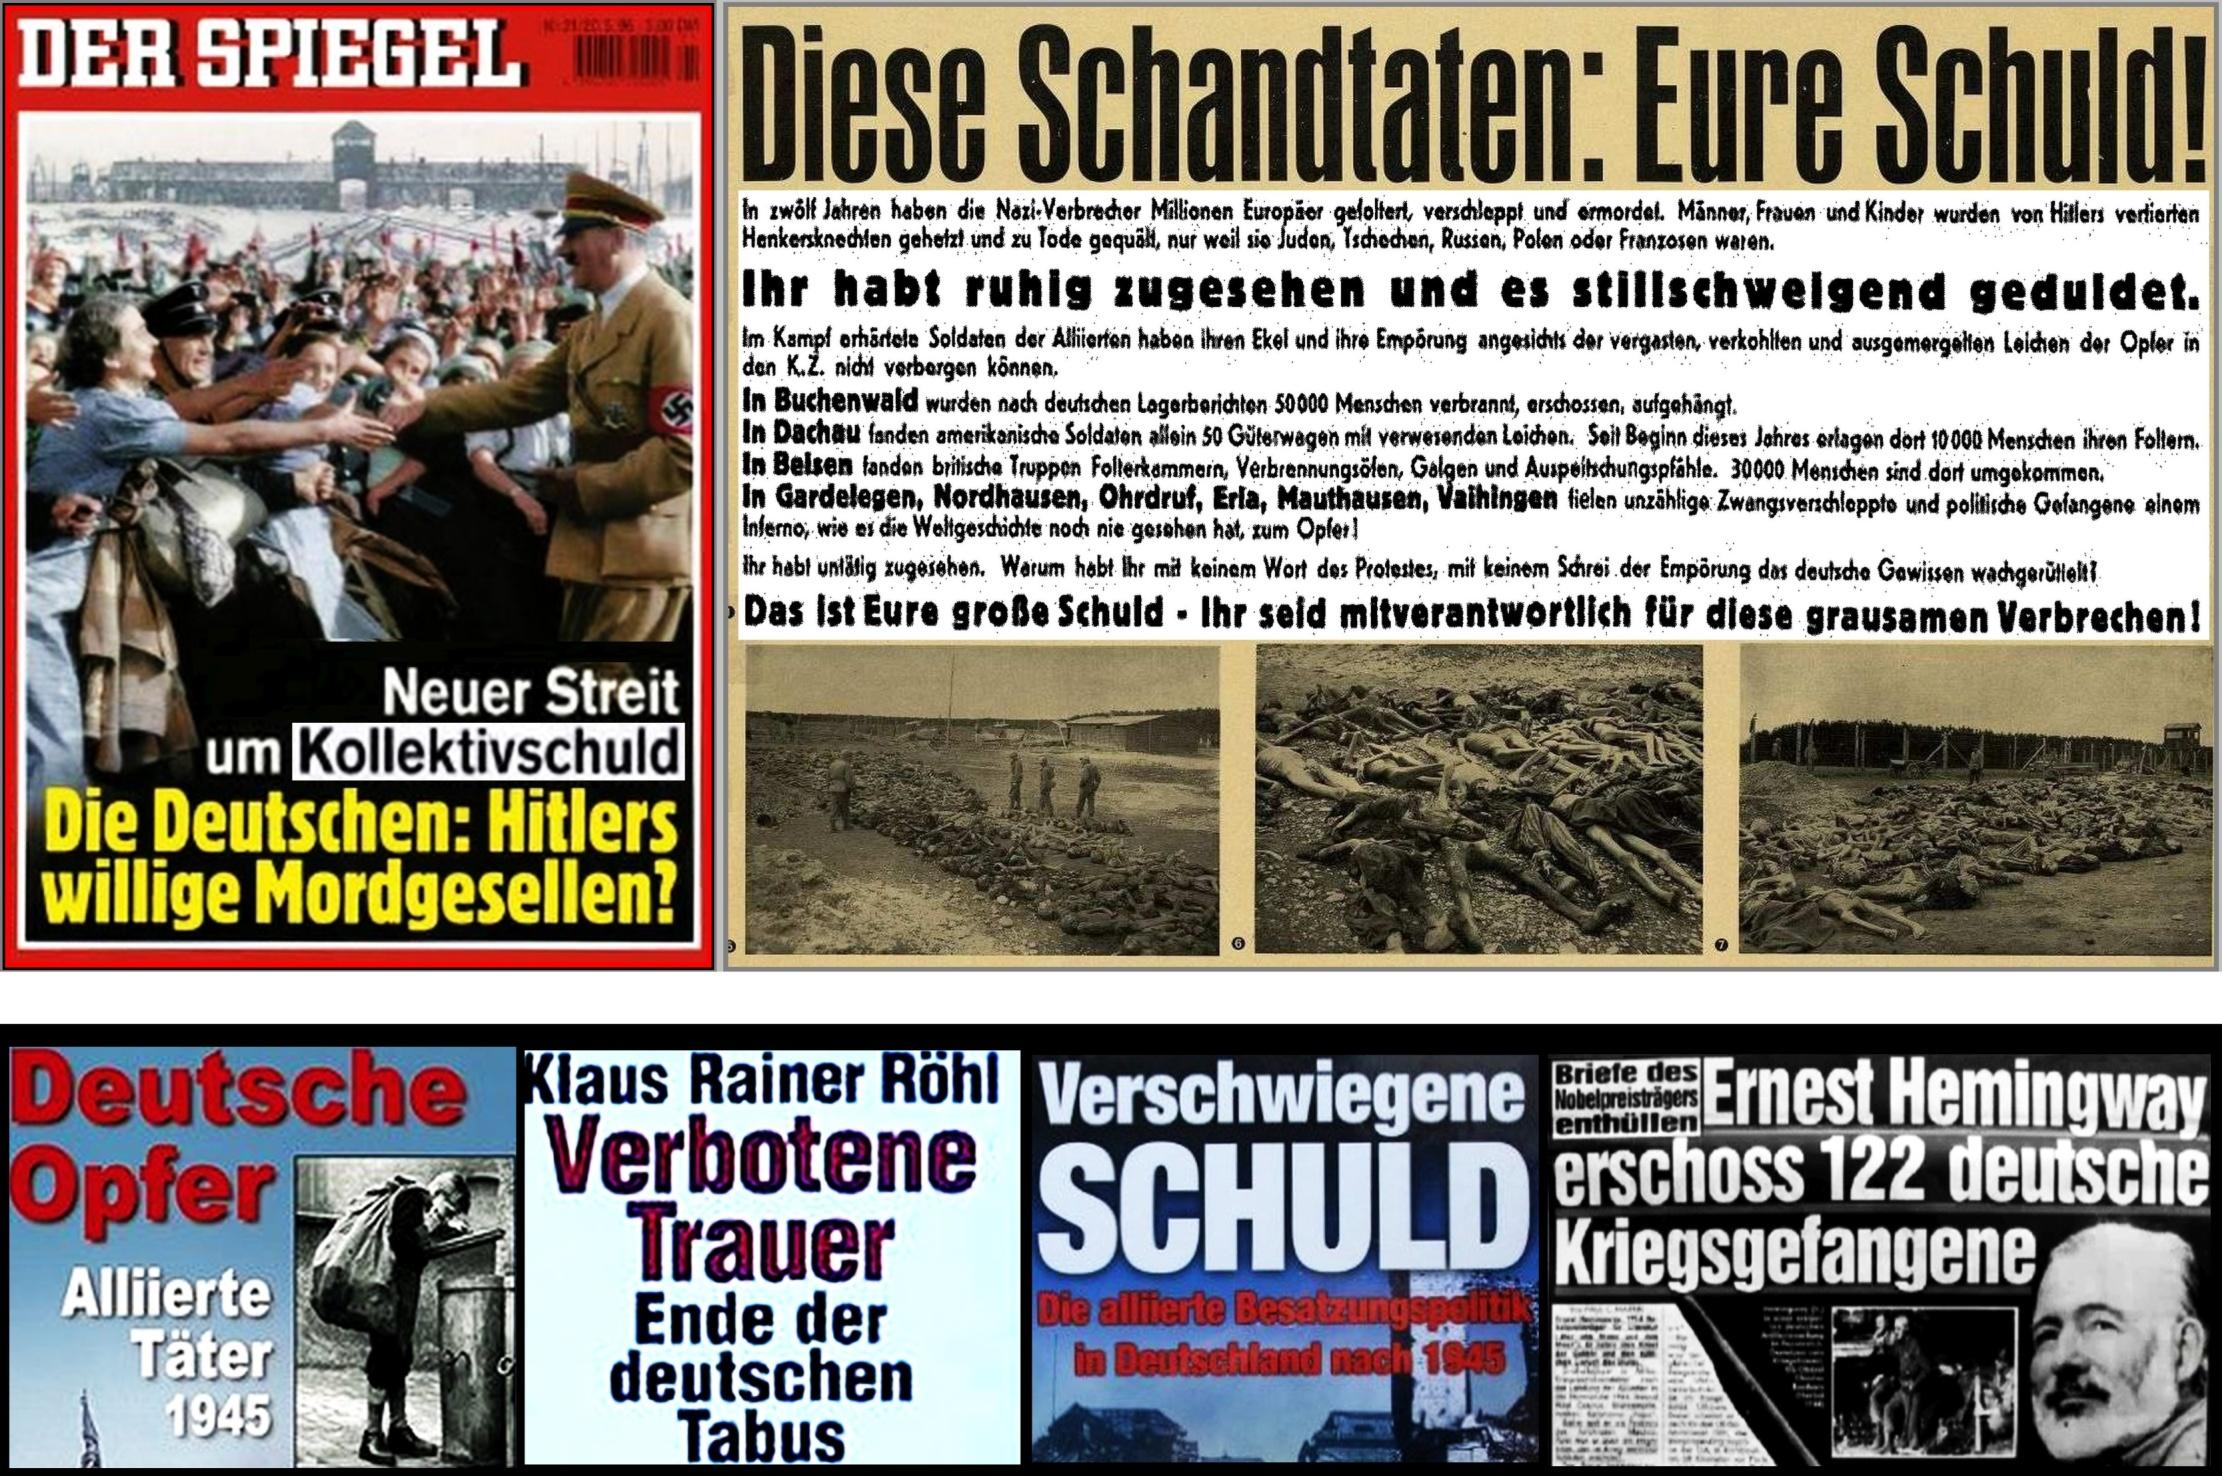 Bildergebnis für Kollektivschuld der Deutschen